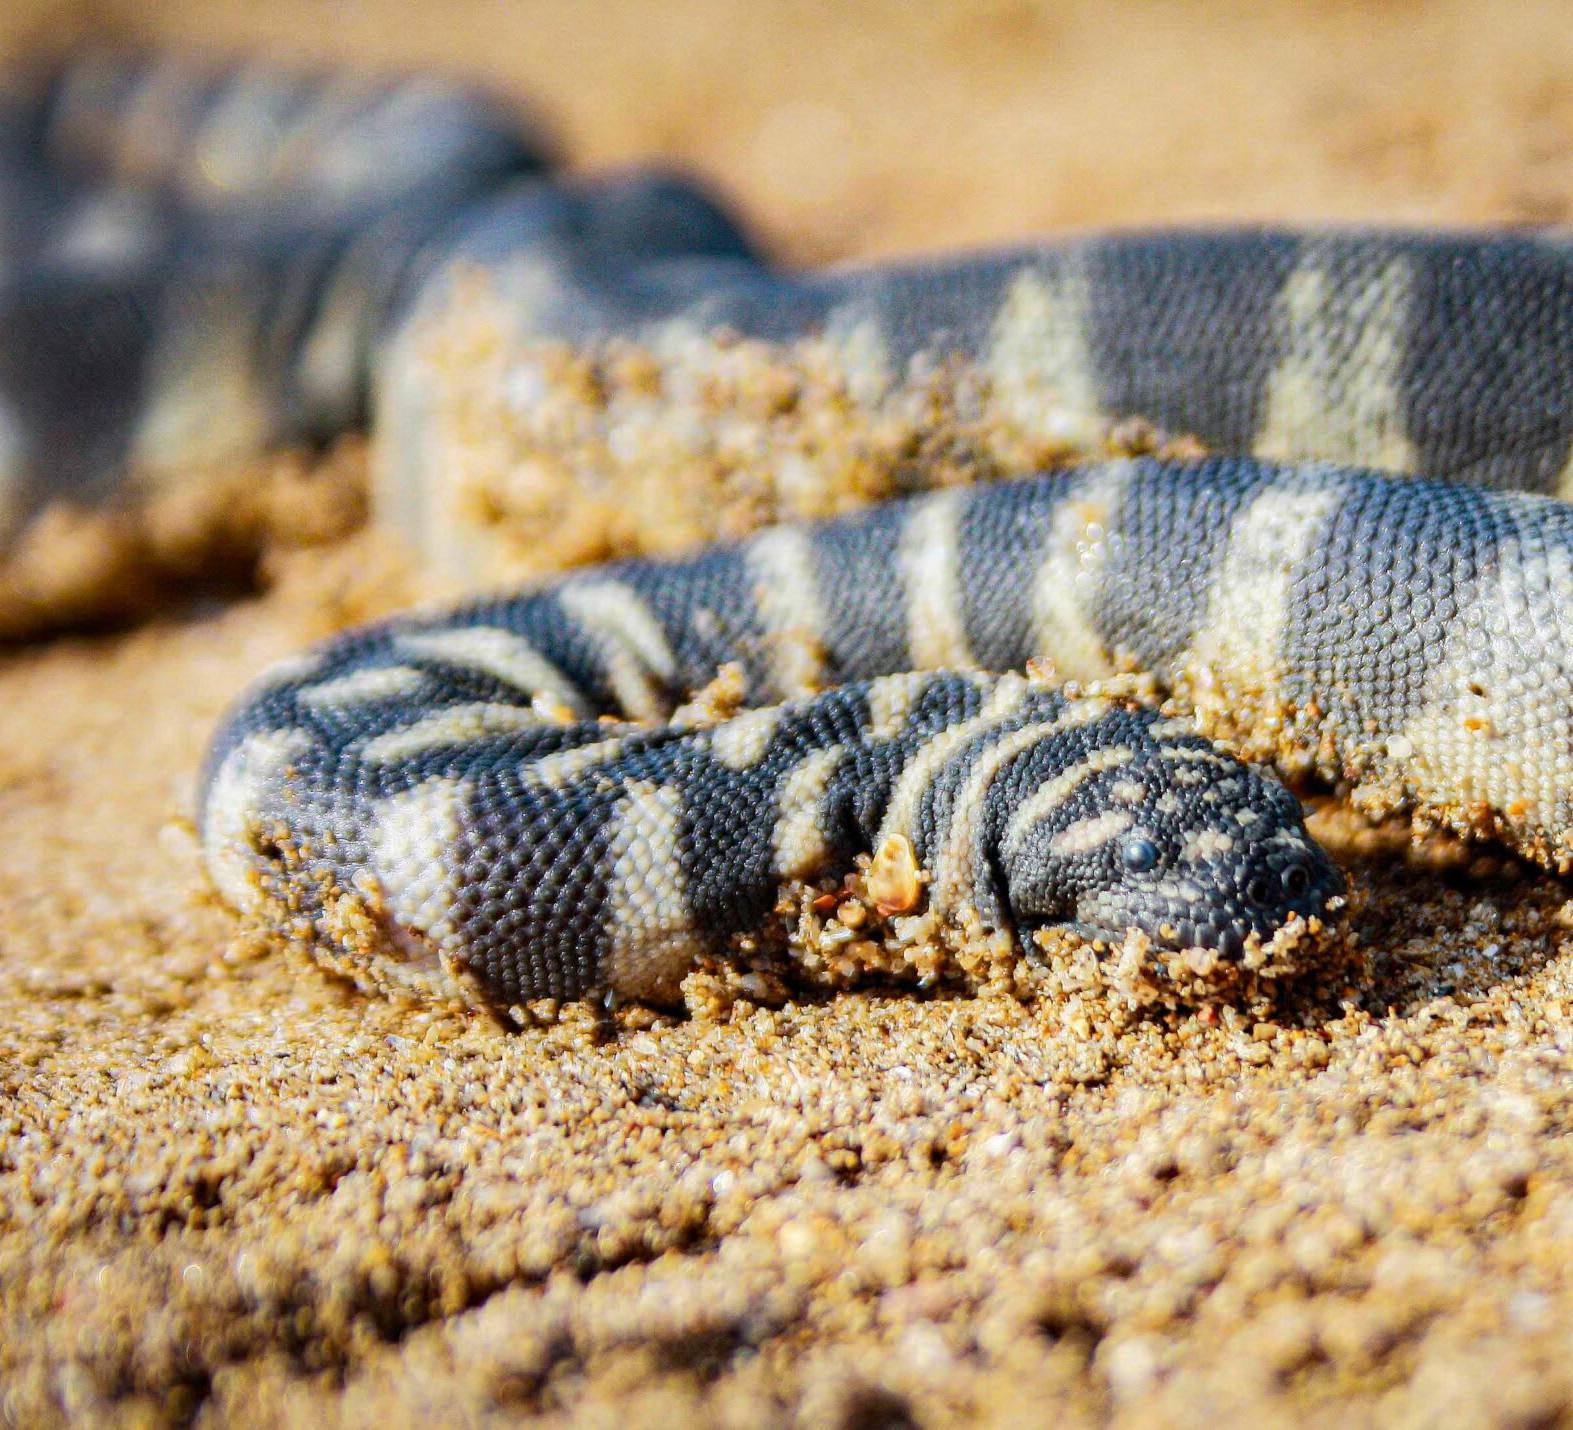 Little File Snake: The Silent Predator